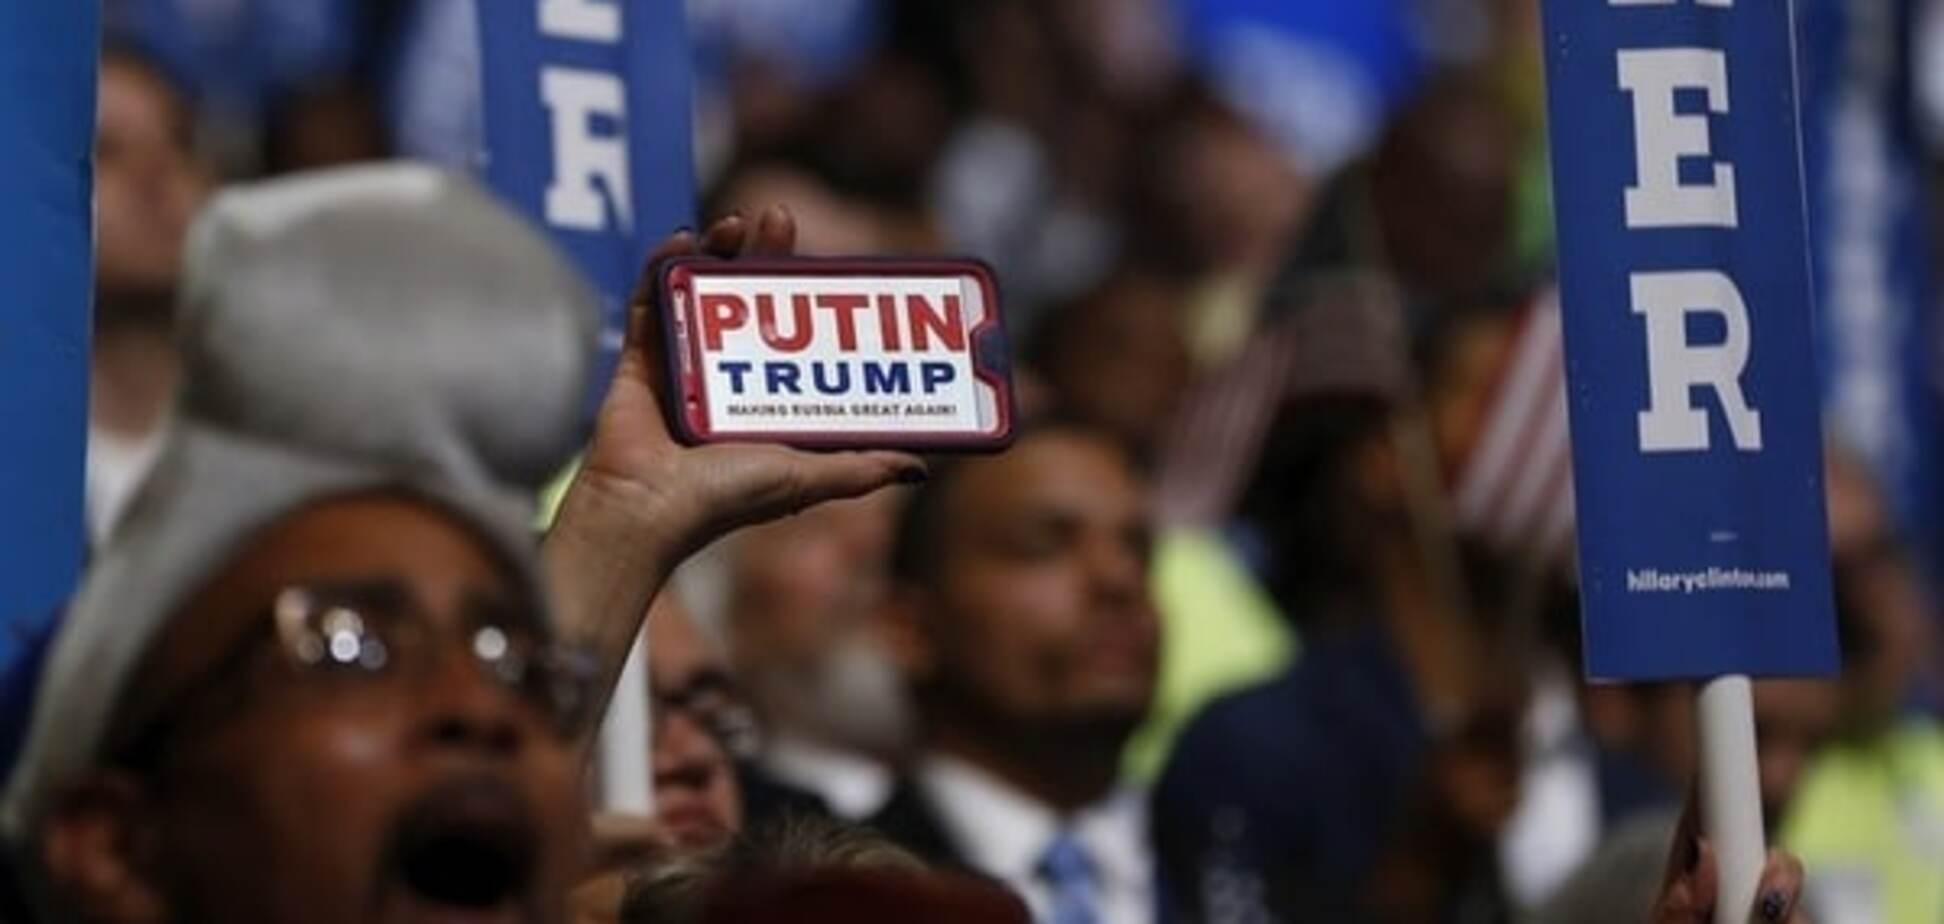 'Головорезы и поцелуи': в США объяснили опасность симпатий Трампа к Путину